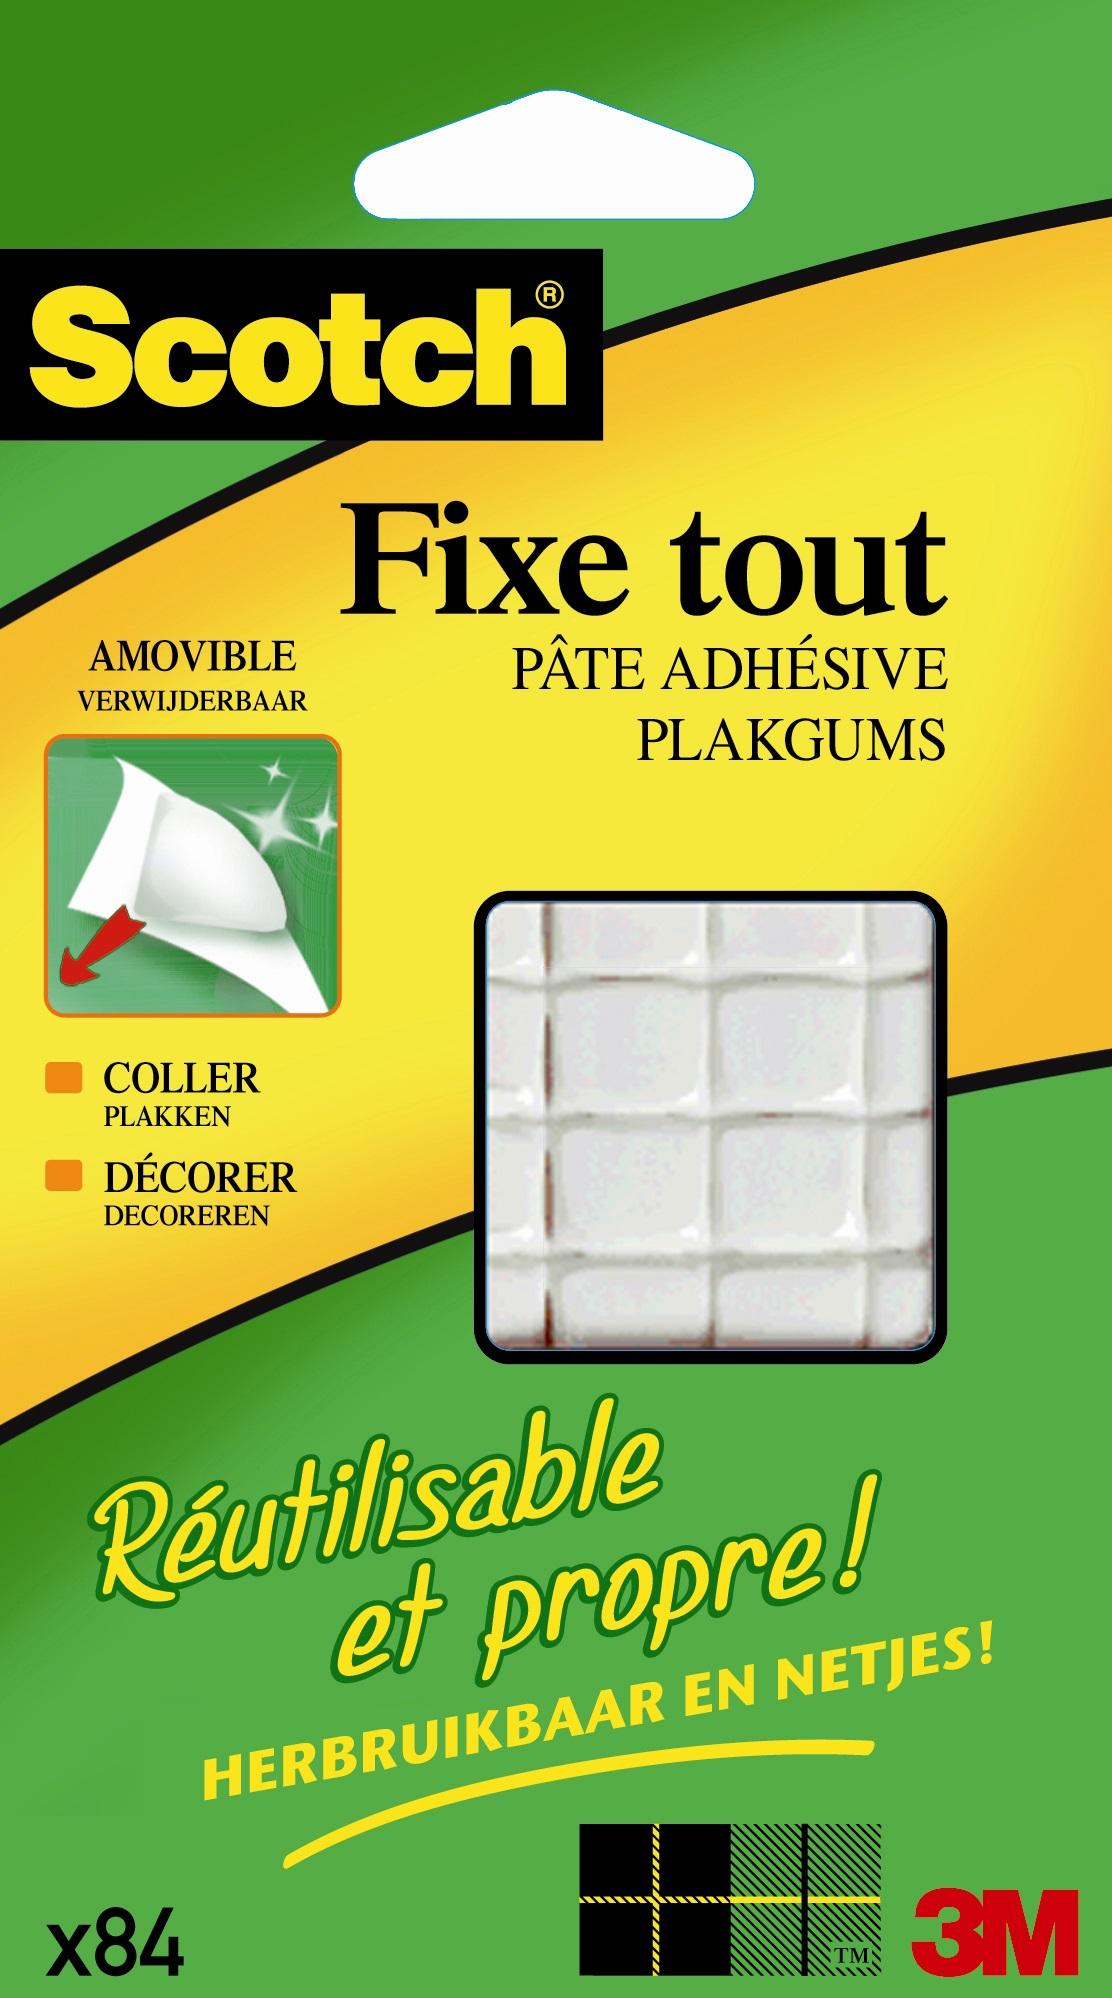 Scotch Fixetout - Pâte adhésive : pack de 84 carrés